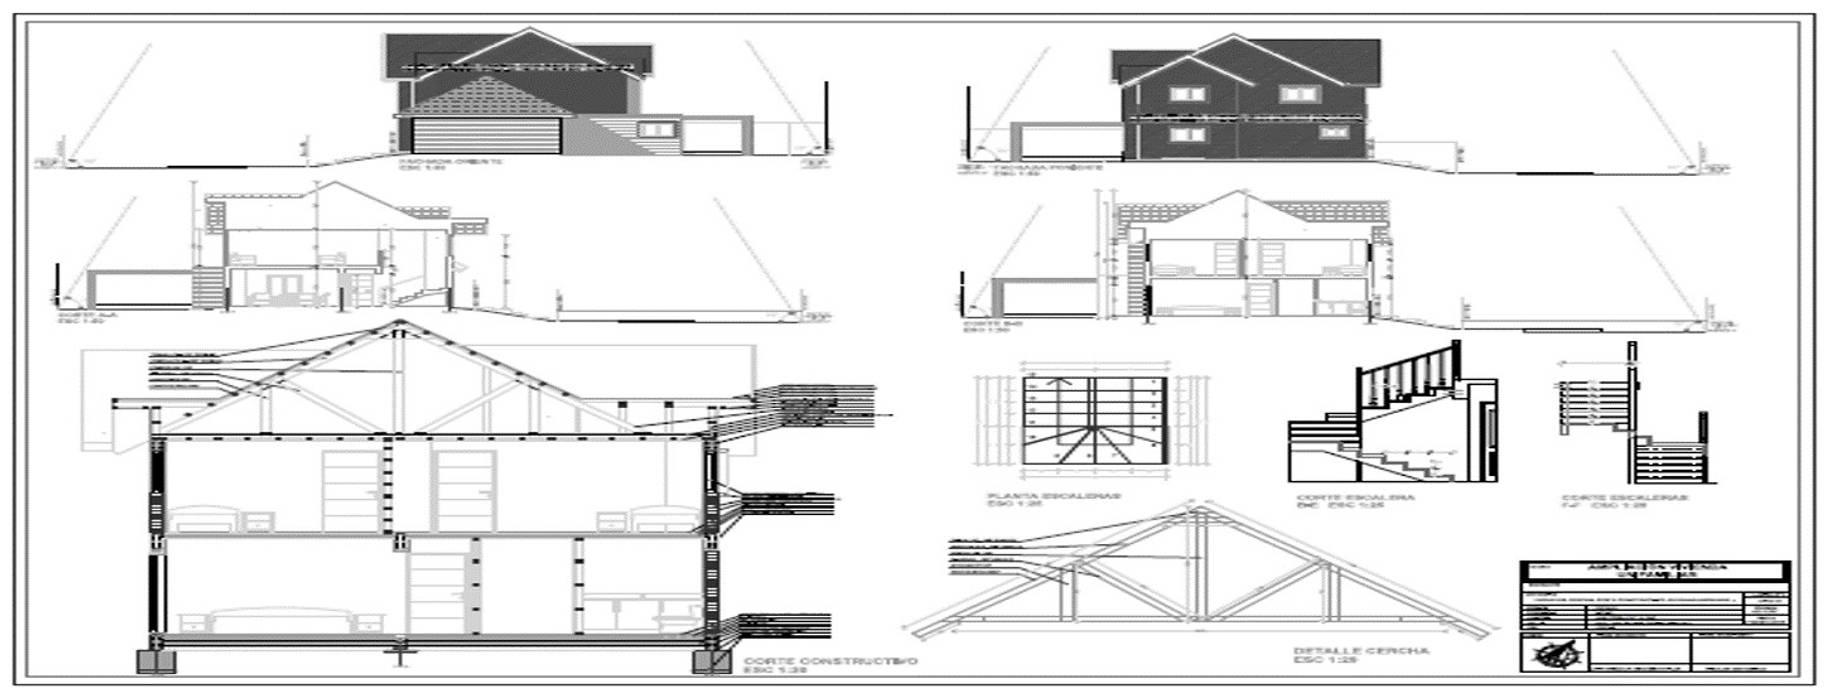 Regularizacion Vivienda Casas de estilo clásico de Aedo Arquitectos & Design Clásico